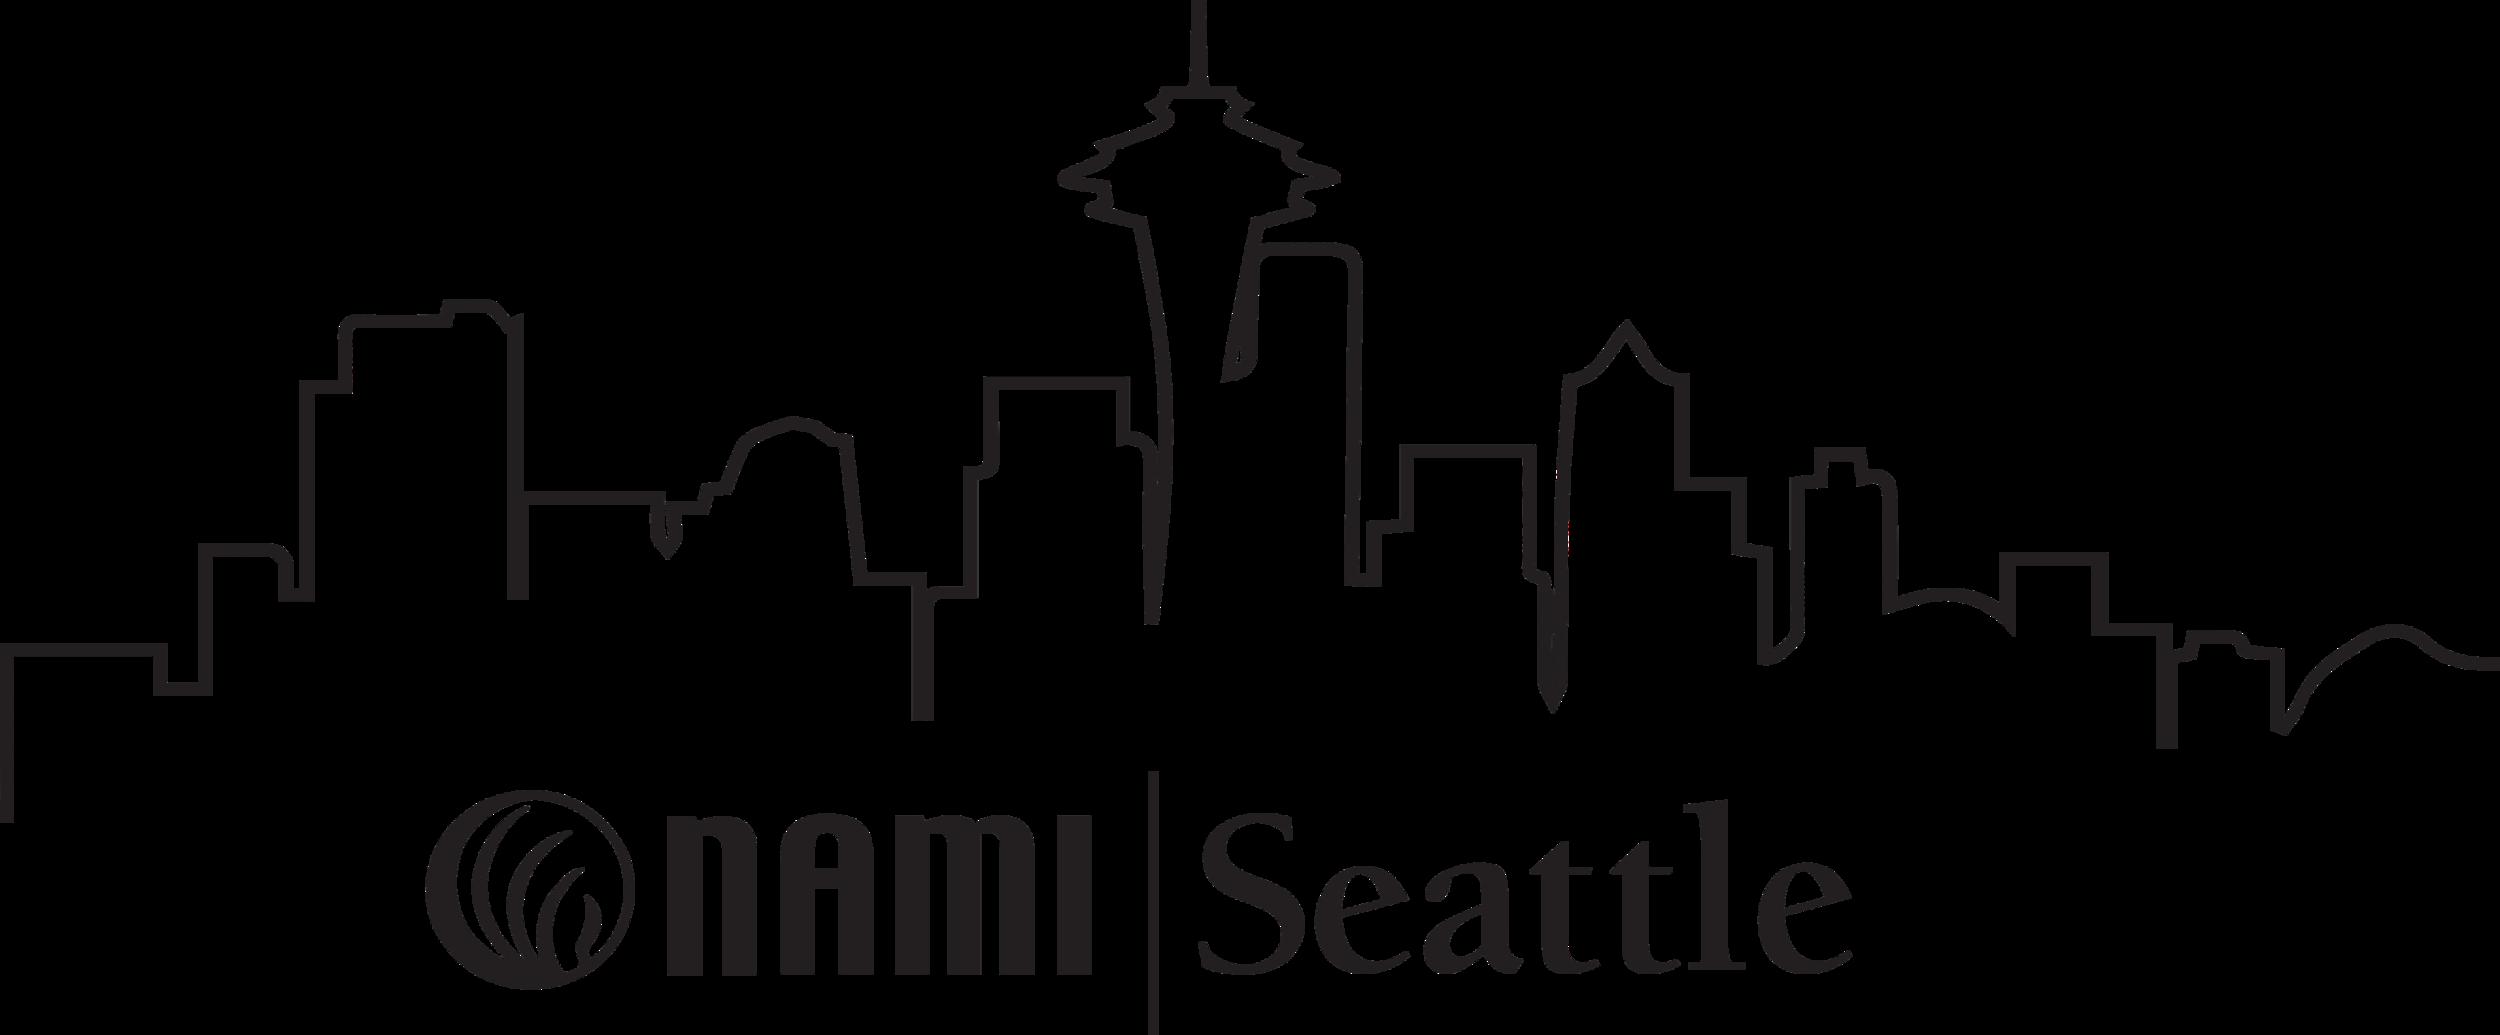 NAMI Seattle.png